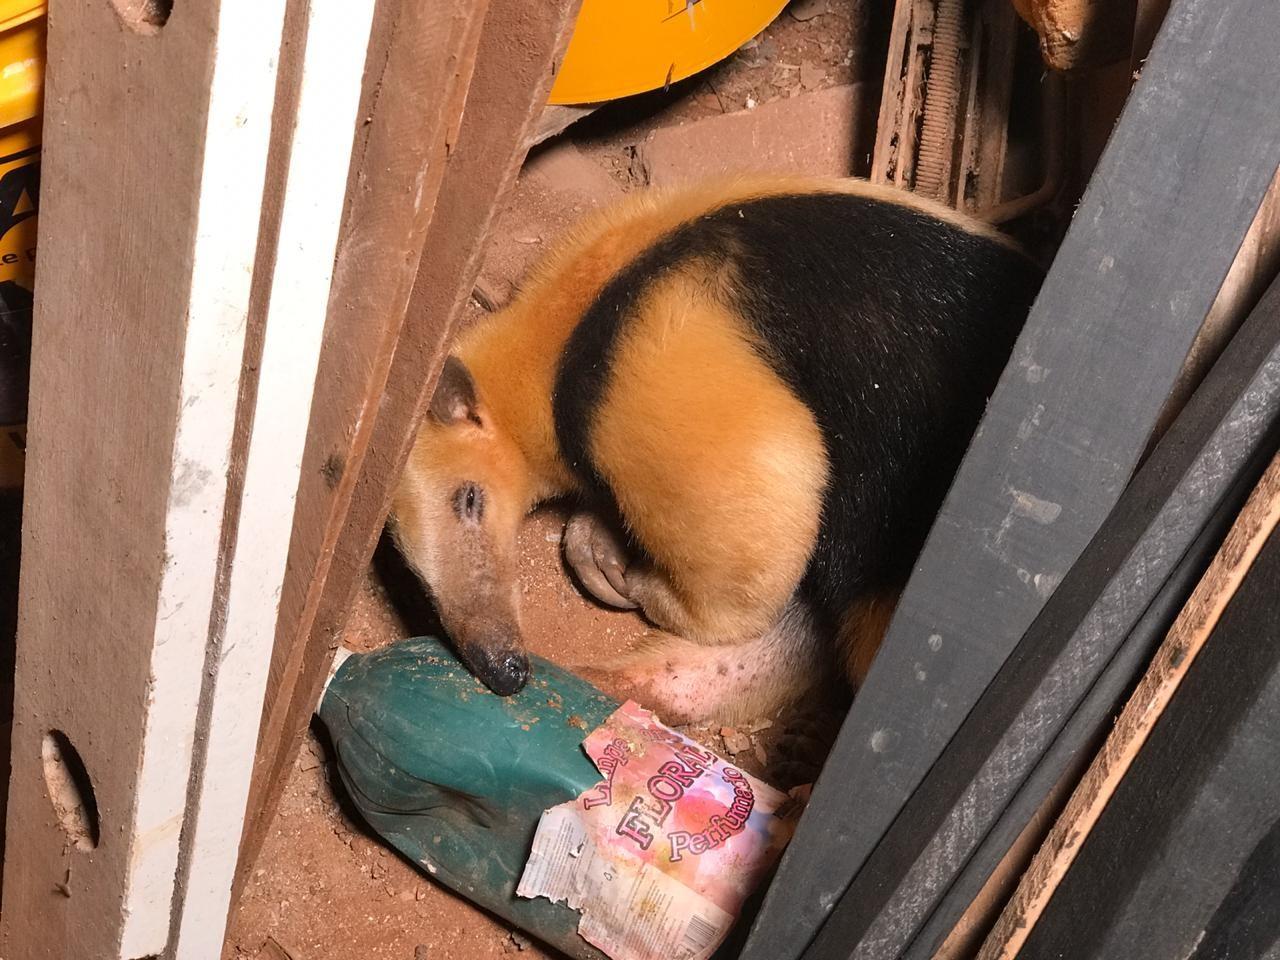 Filhote de tamanduá-mirim é encontrado em cemitério de Paranavaí - Notícias - Plantão Diário